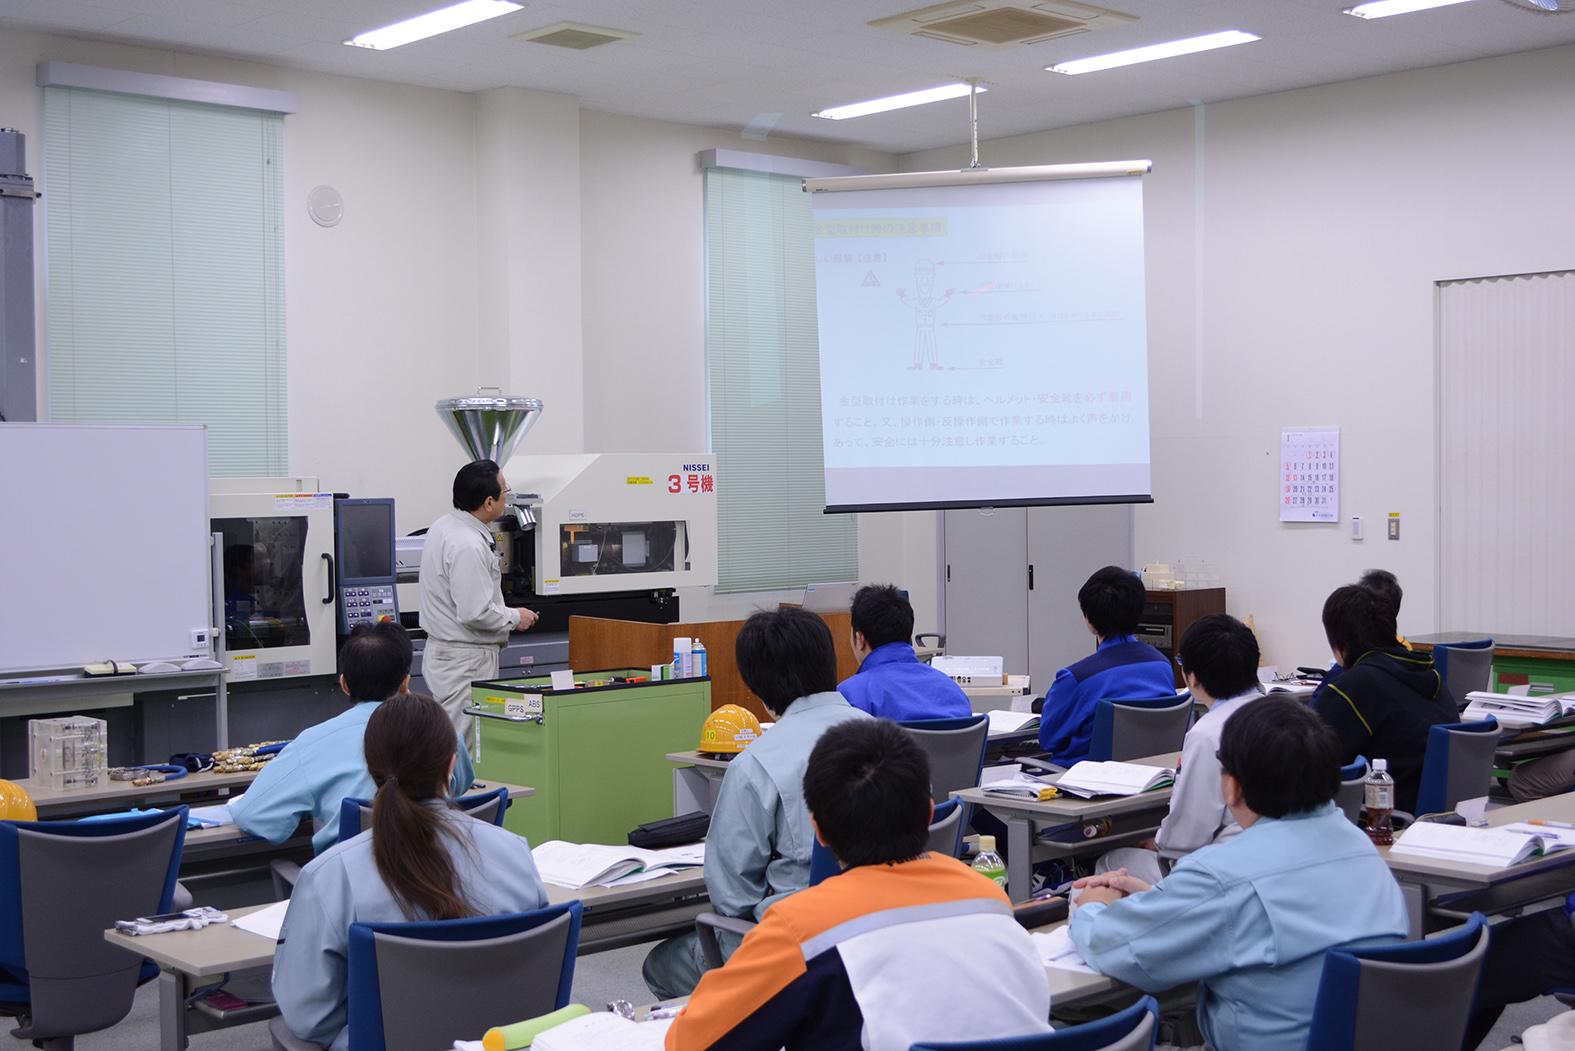 日精スクール 基礎知識習得に特化したWEBコースを開設